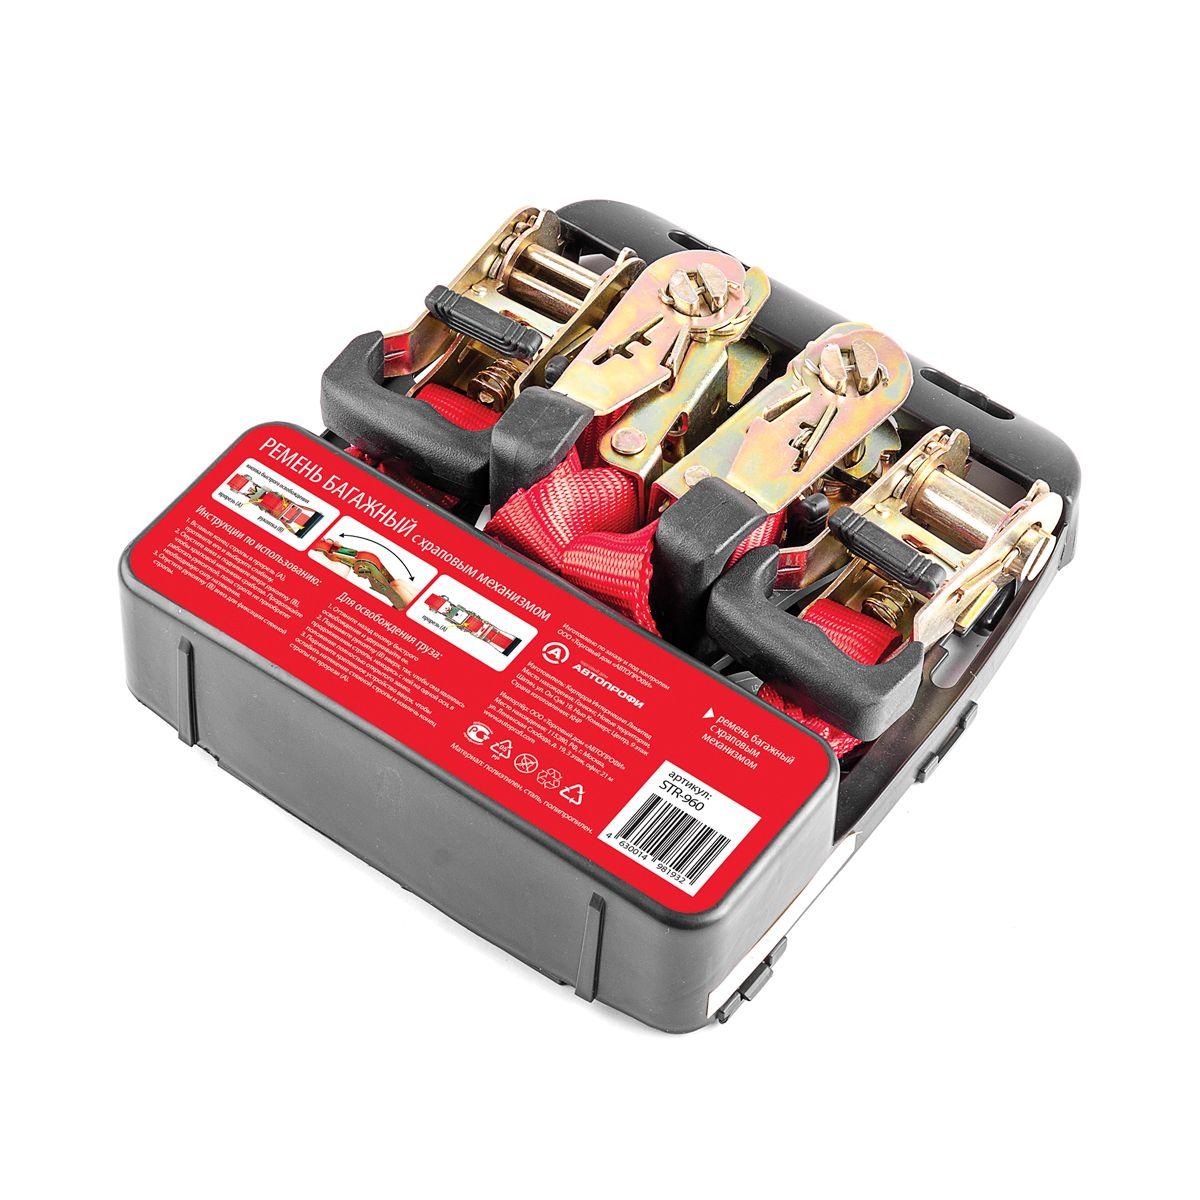 Ремень багажный Autoprofi, с храповым механизмом, 2,7 см, 4,5 м, 2 шт300166Стяжки для крепления груза Autoprofi позволят зафиксировать даже негабаритный багаж и предотвратить его повреждение при перевозке. Они могут применяться как в автомобиле, так и в остальных транспортных средствах. Кроме того, стяжки находят широкое применение в хозяйственно-бытовых нуждах. Например, с помощью стяжек груза можно закрепить багажник на автомобиле, сноуборд, доски для серфинга, строительный материал и многое другое.Длина: 4,5 м.Ширина: 2,7 см.Прочность на разрыв: 960 кг.